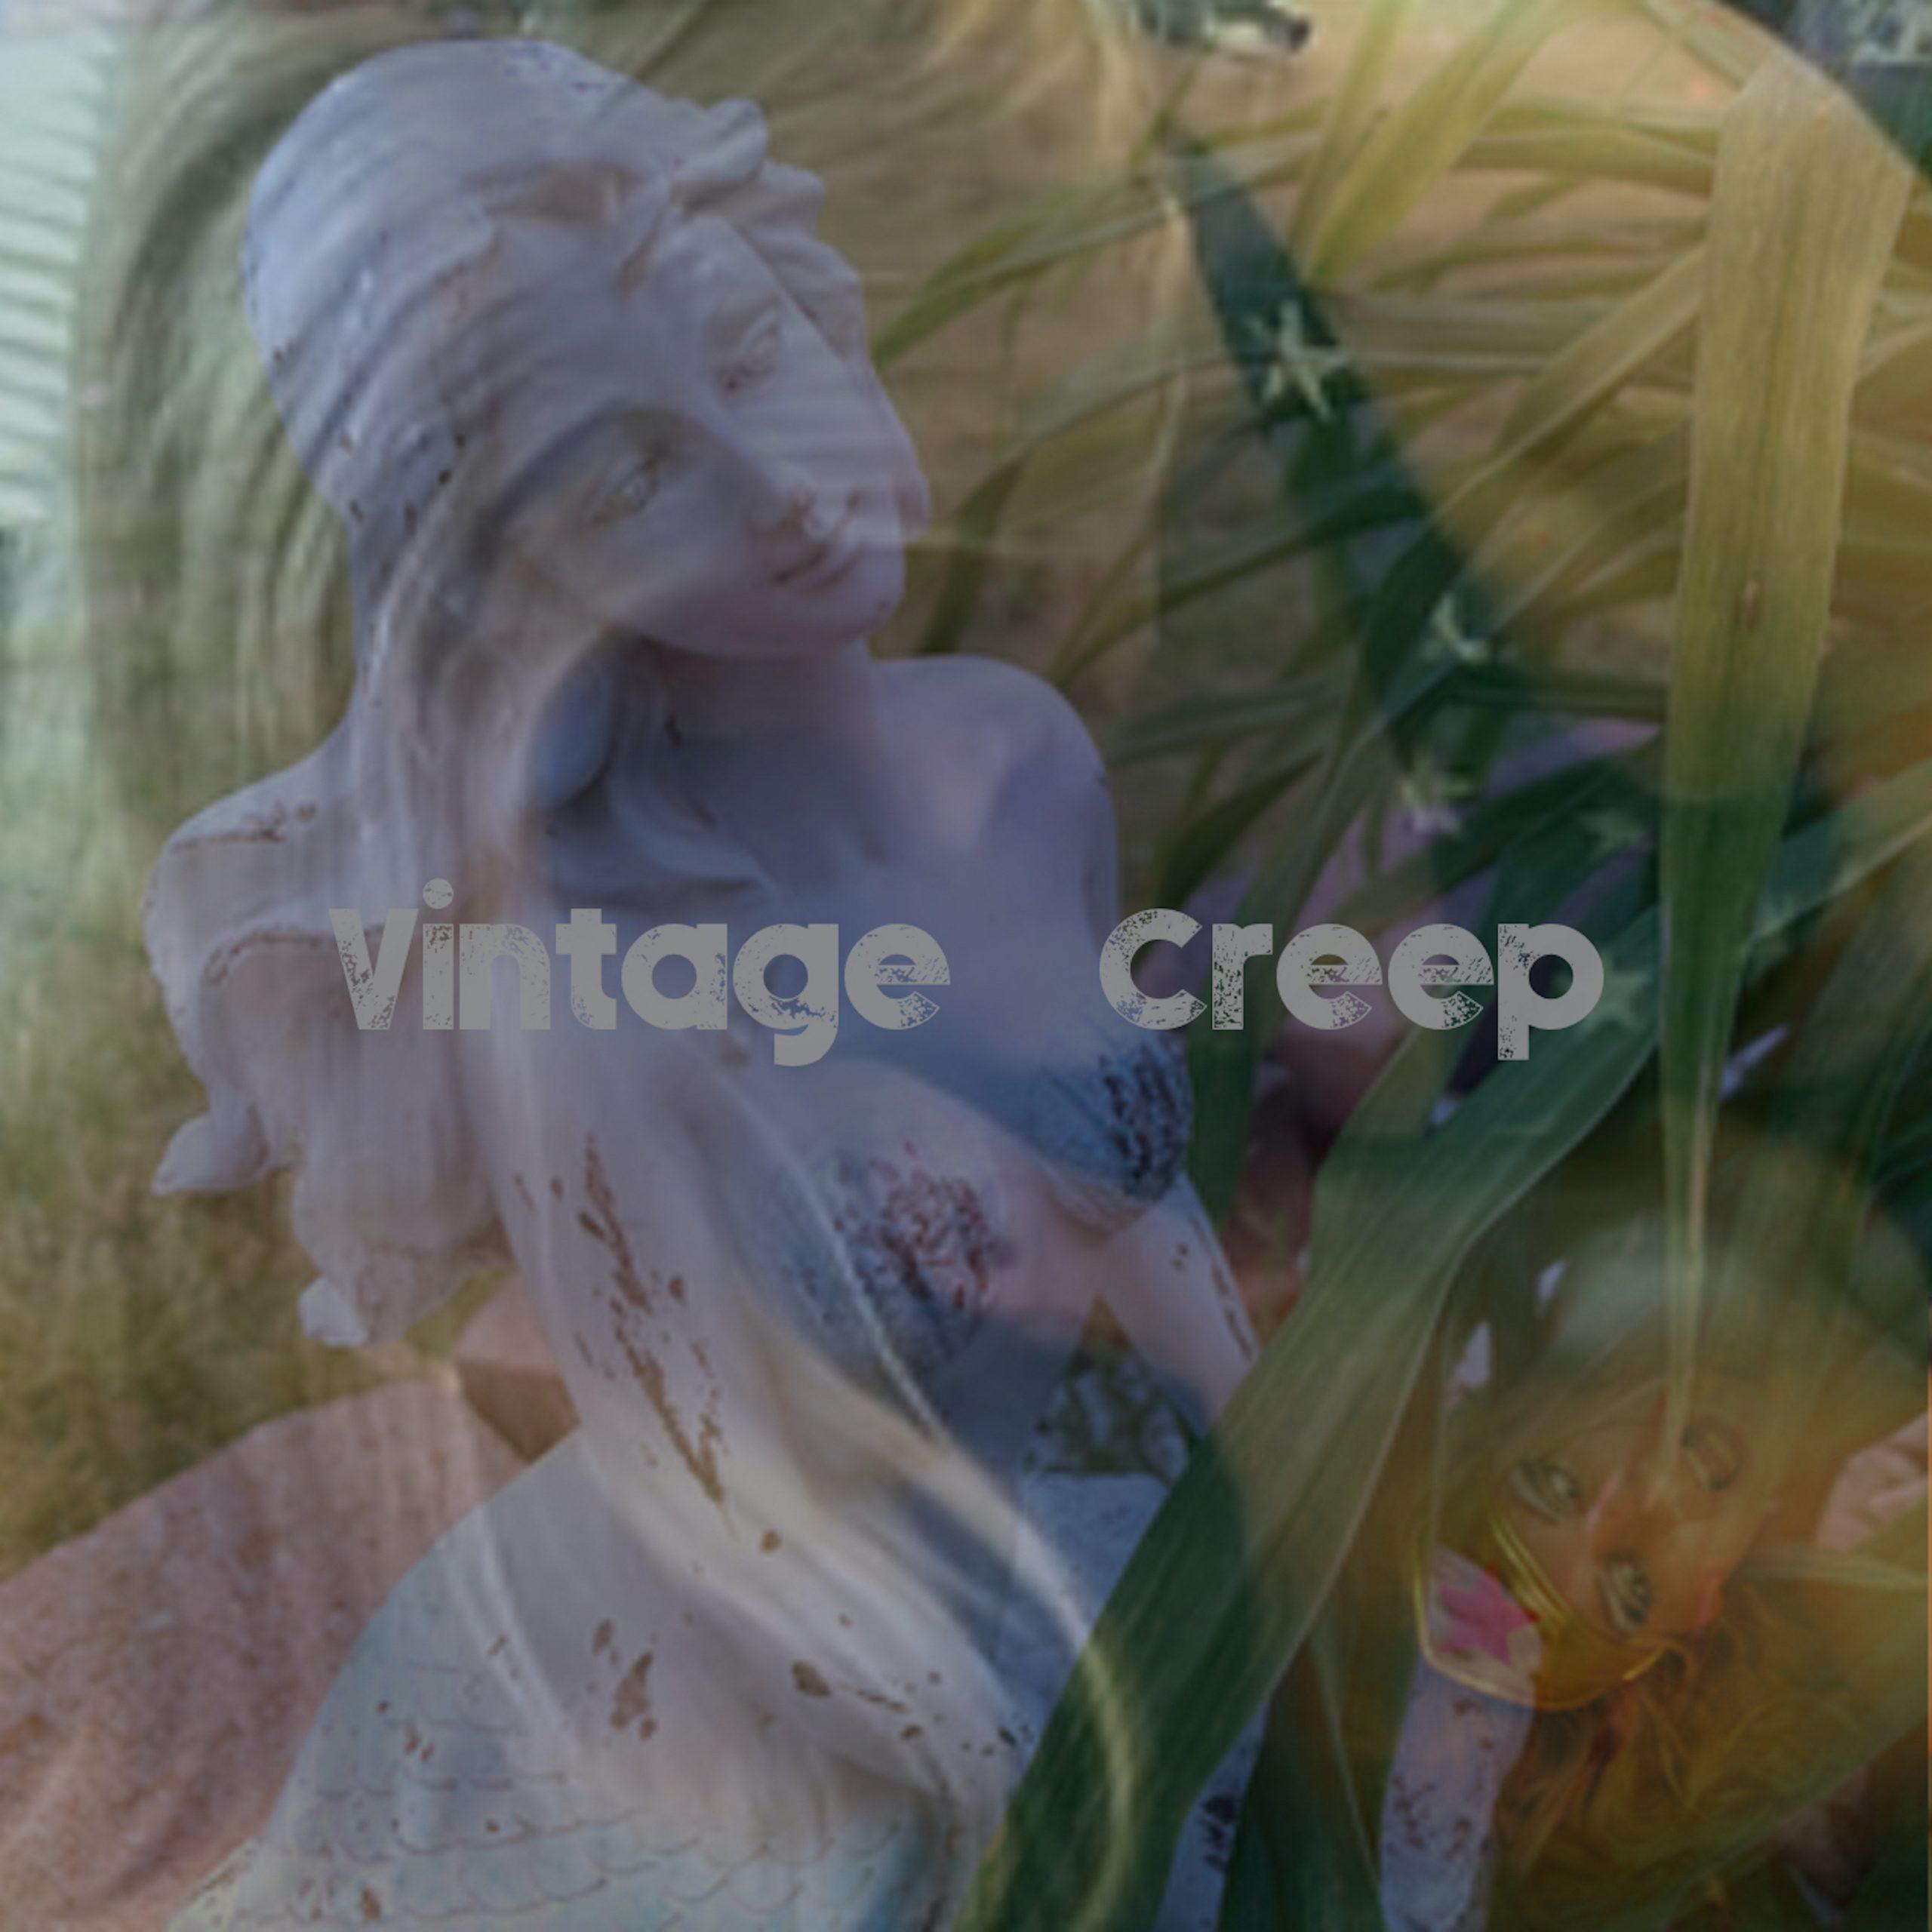 Vintage - Creep